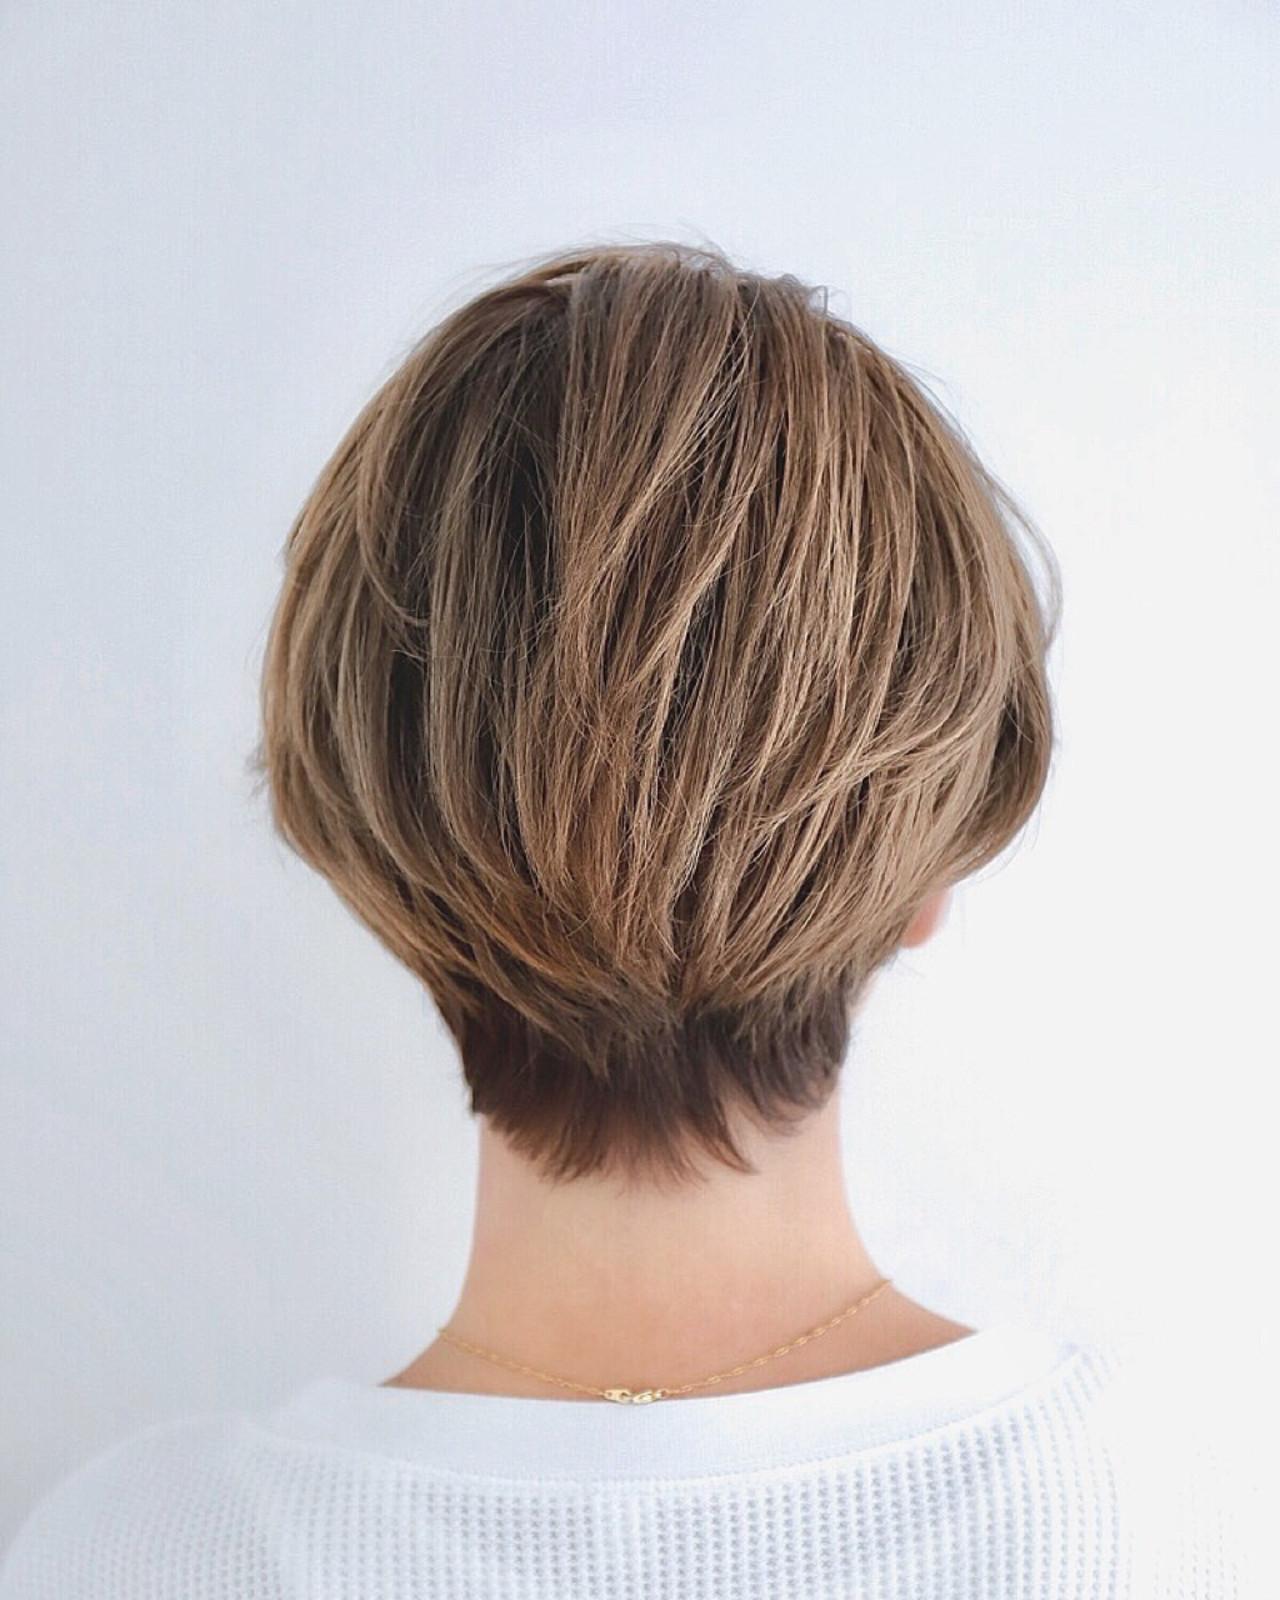 ヘアアレンジ ハイライト グレージュ アウトドア ヘアスタイルや髪型の写真・画像